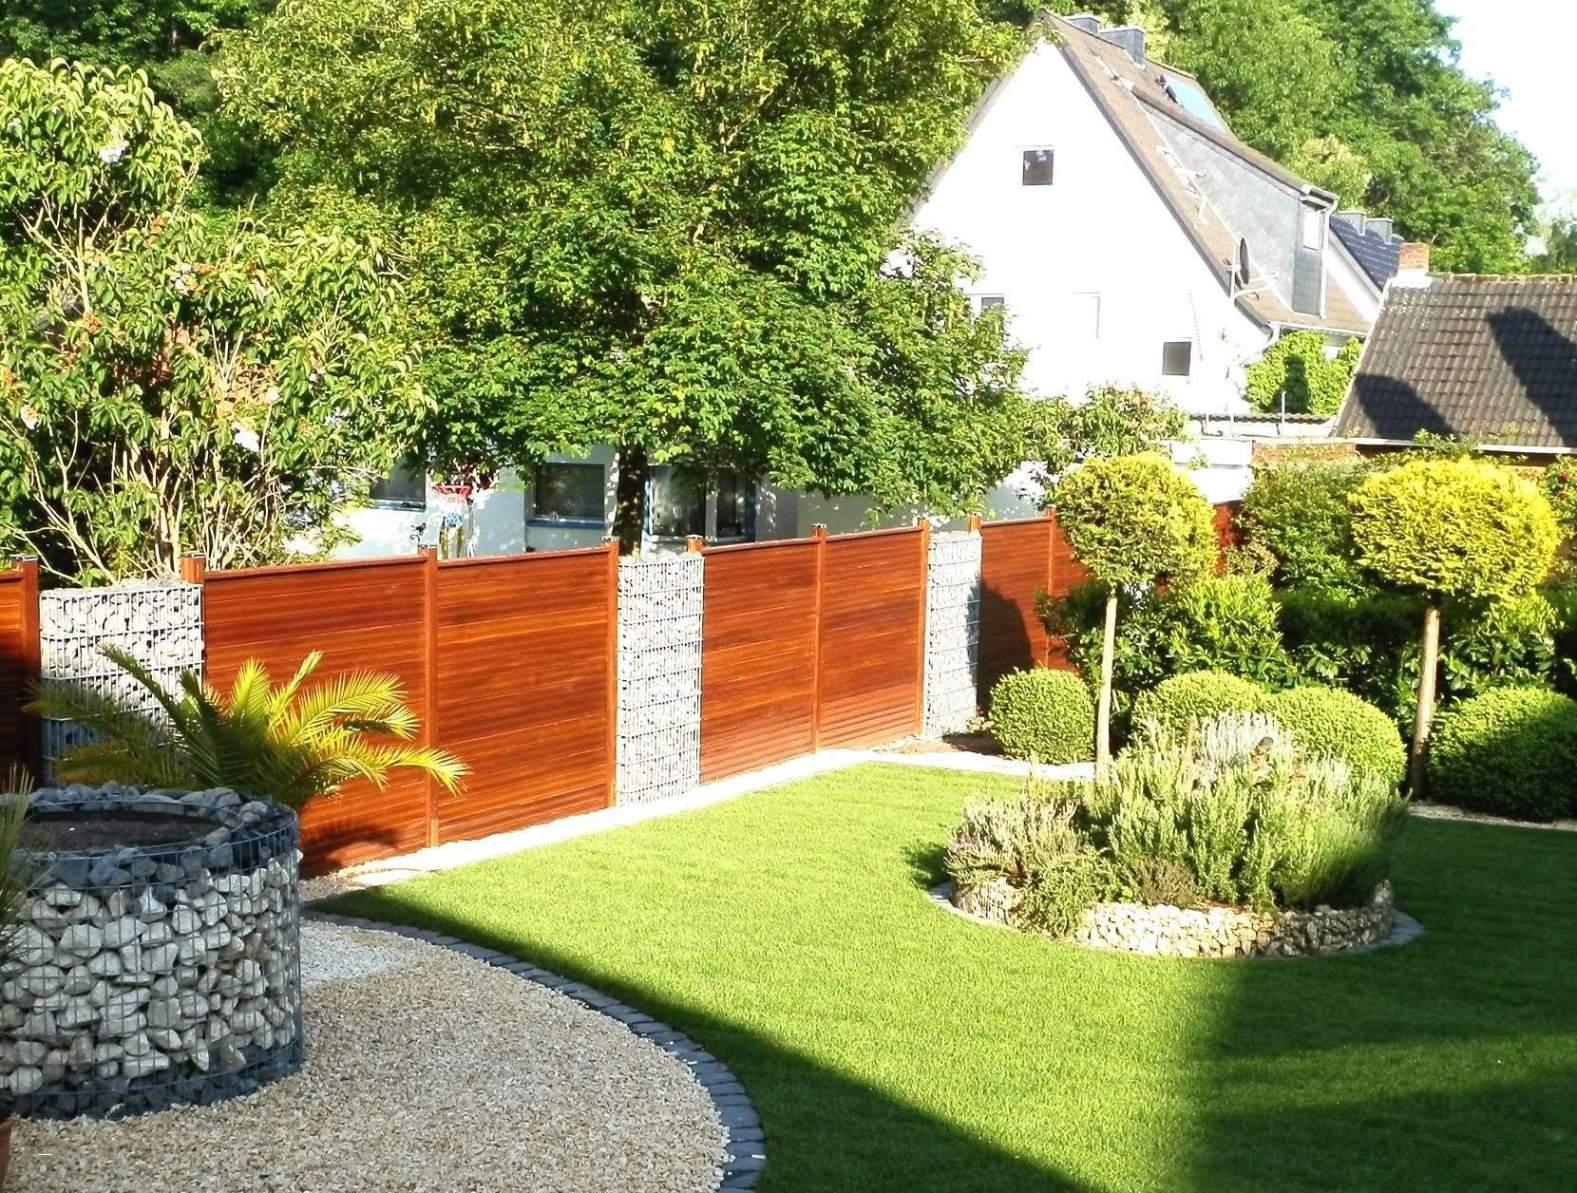 42 elegant kleiner reihenhausgarten foto kleiner reihenhausgarten gestalten kleiner reihenhausgarten gestalten 2